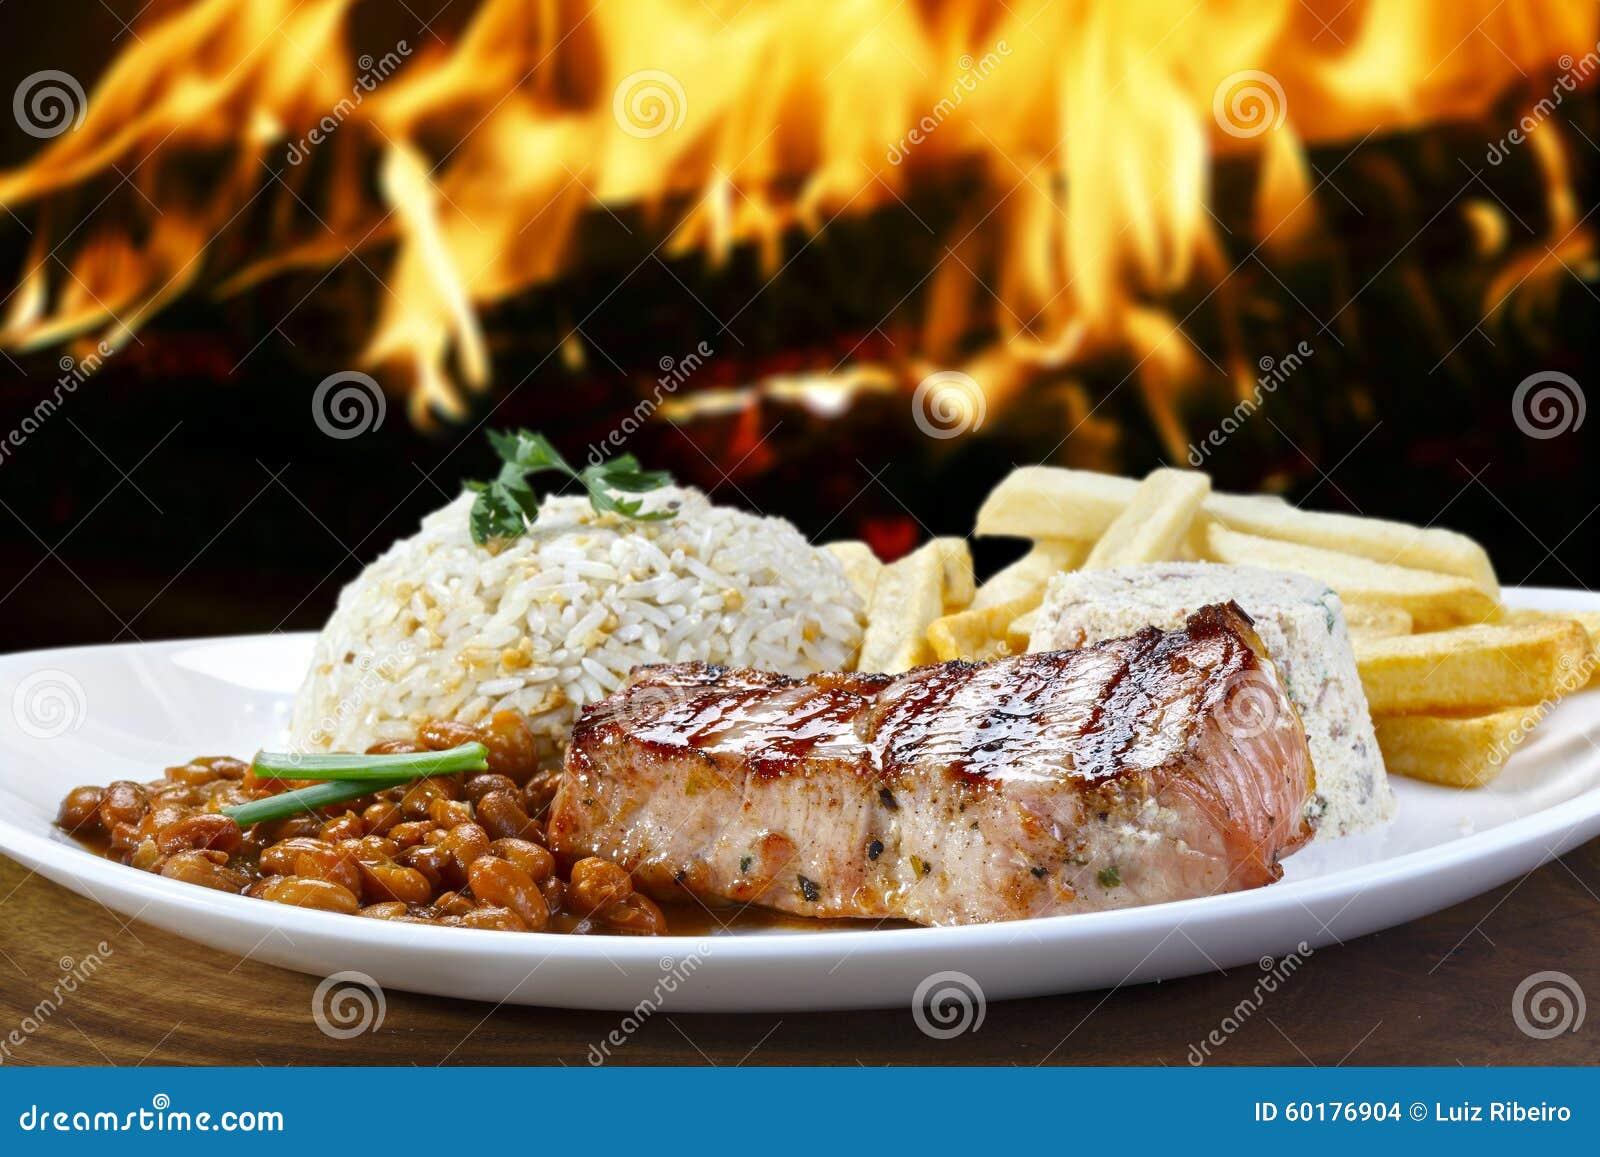 Repas Avec L Echine De Roti De Porc Photo Stock Image Du Fritures